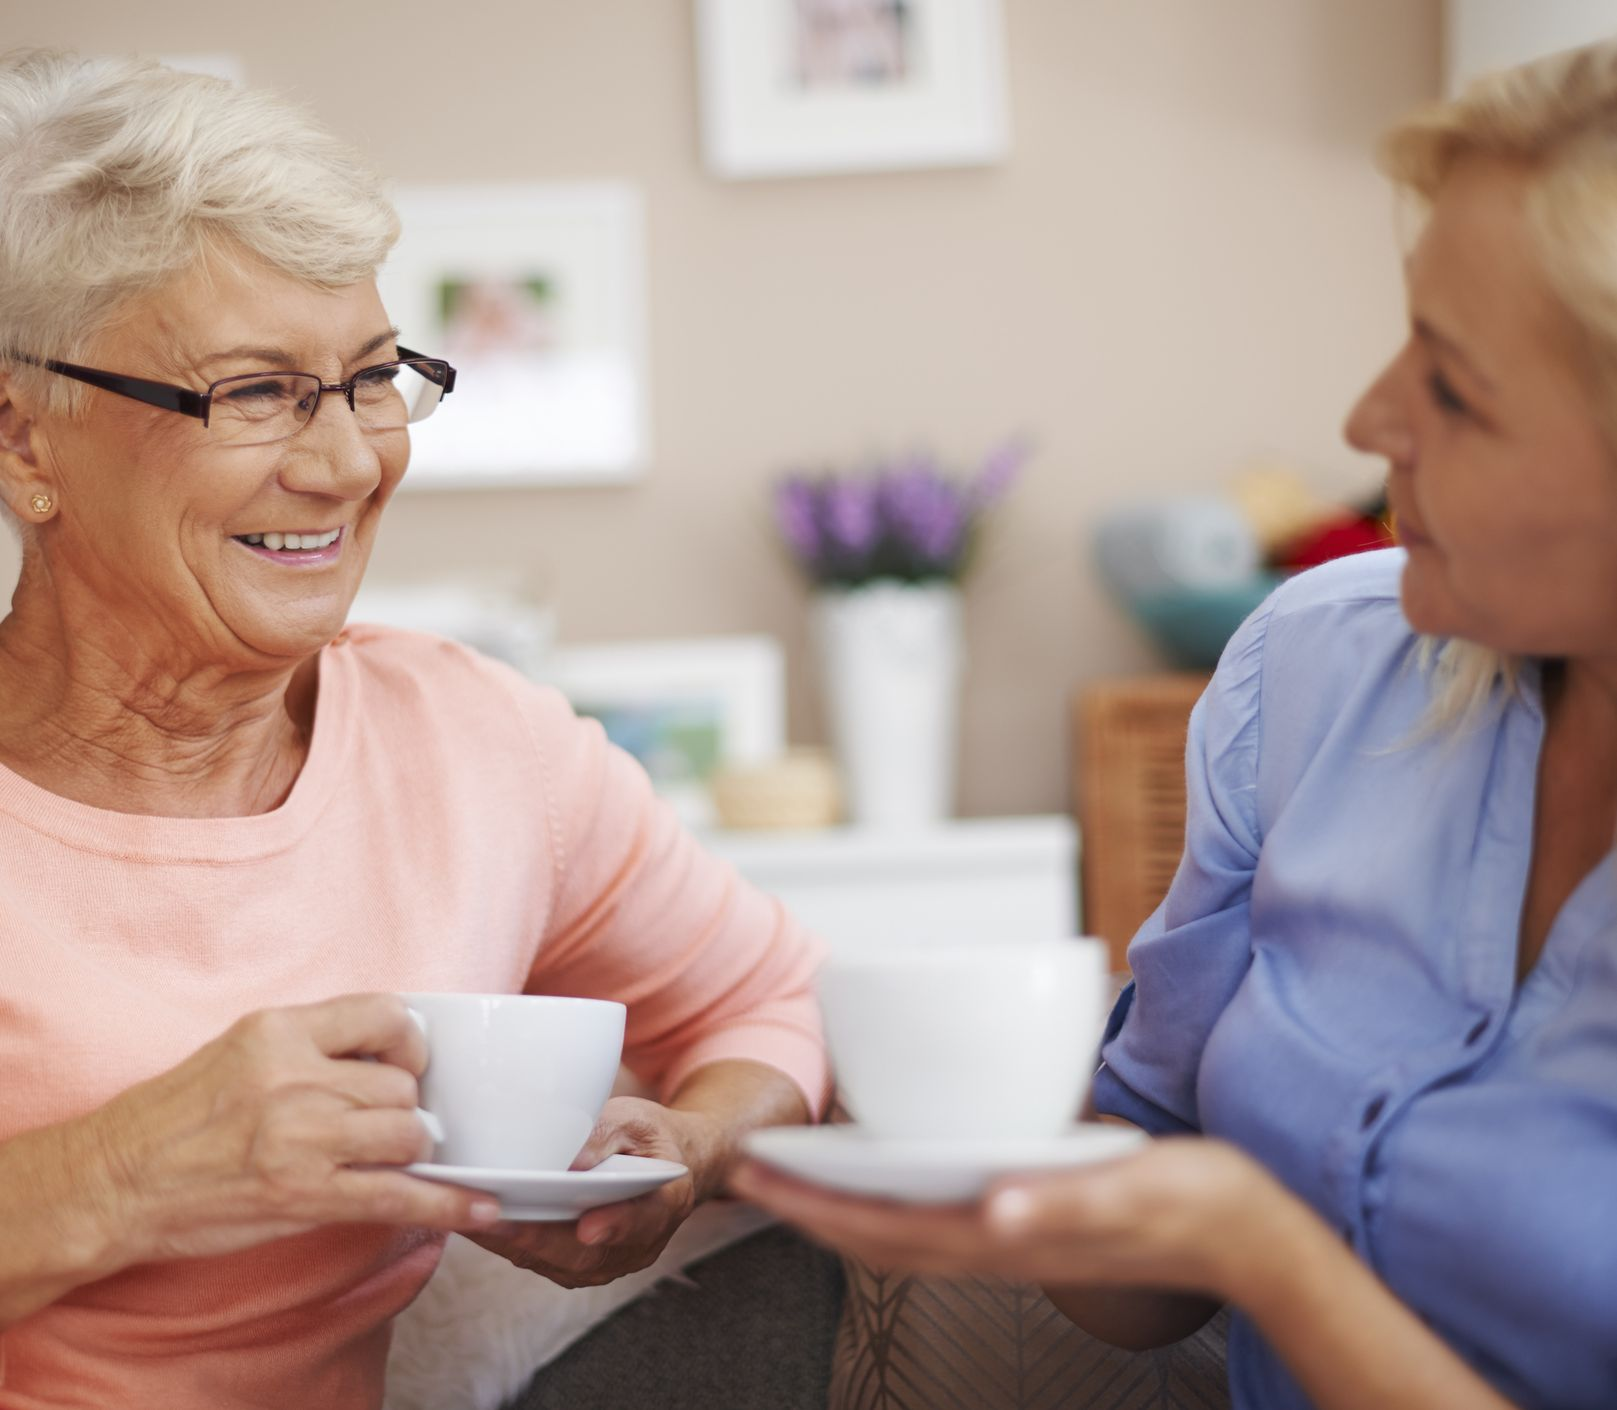 Ako správne viesť rozhovor? S týmito tipmi sa s vami ľudia porozprávajú radi